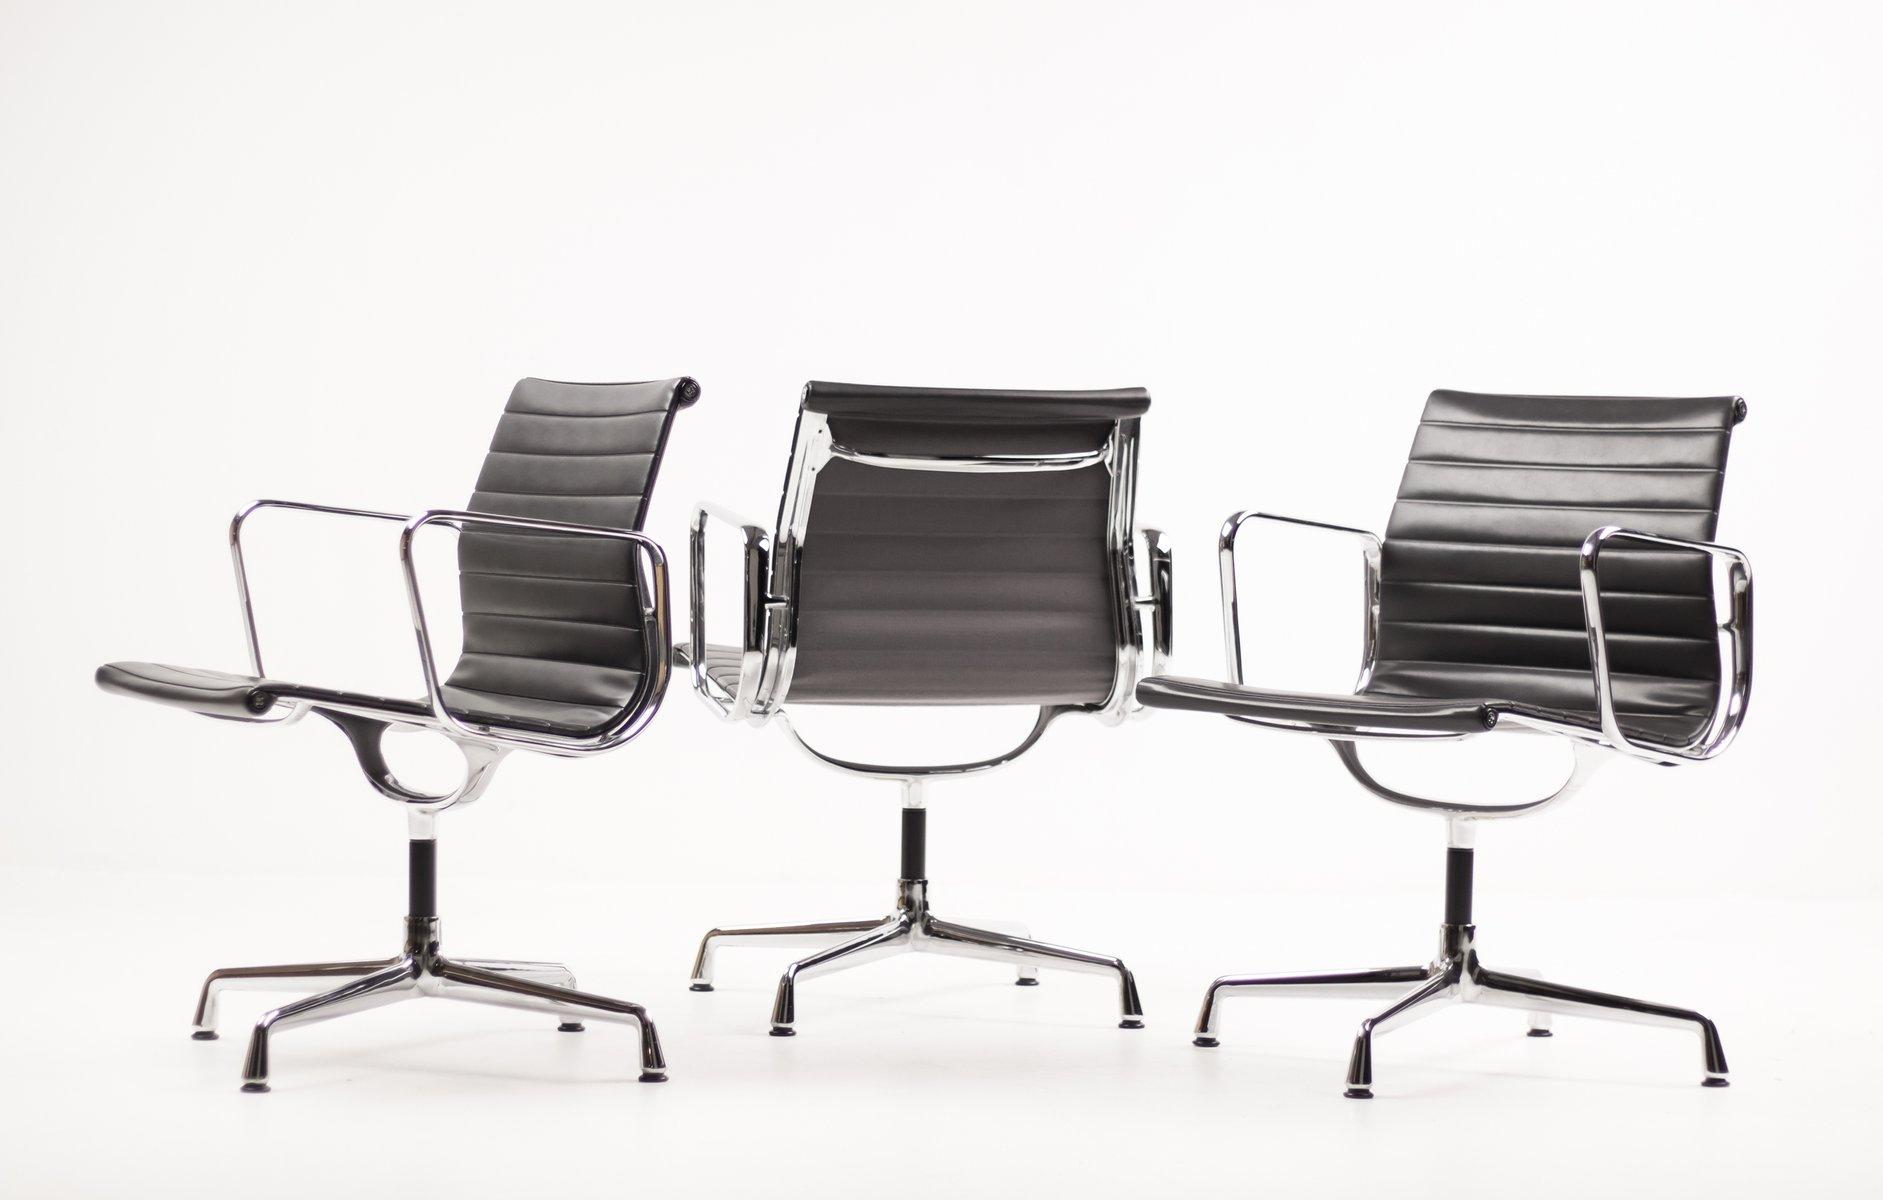 Sedie Ufficio Eames : Sedie girevoli in alluminio di charles ray eames per vitra